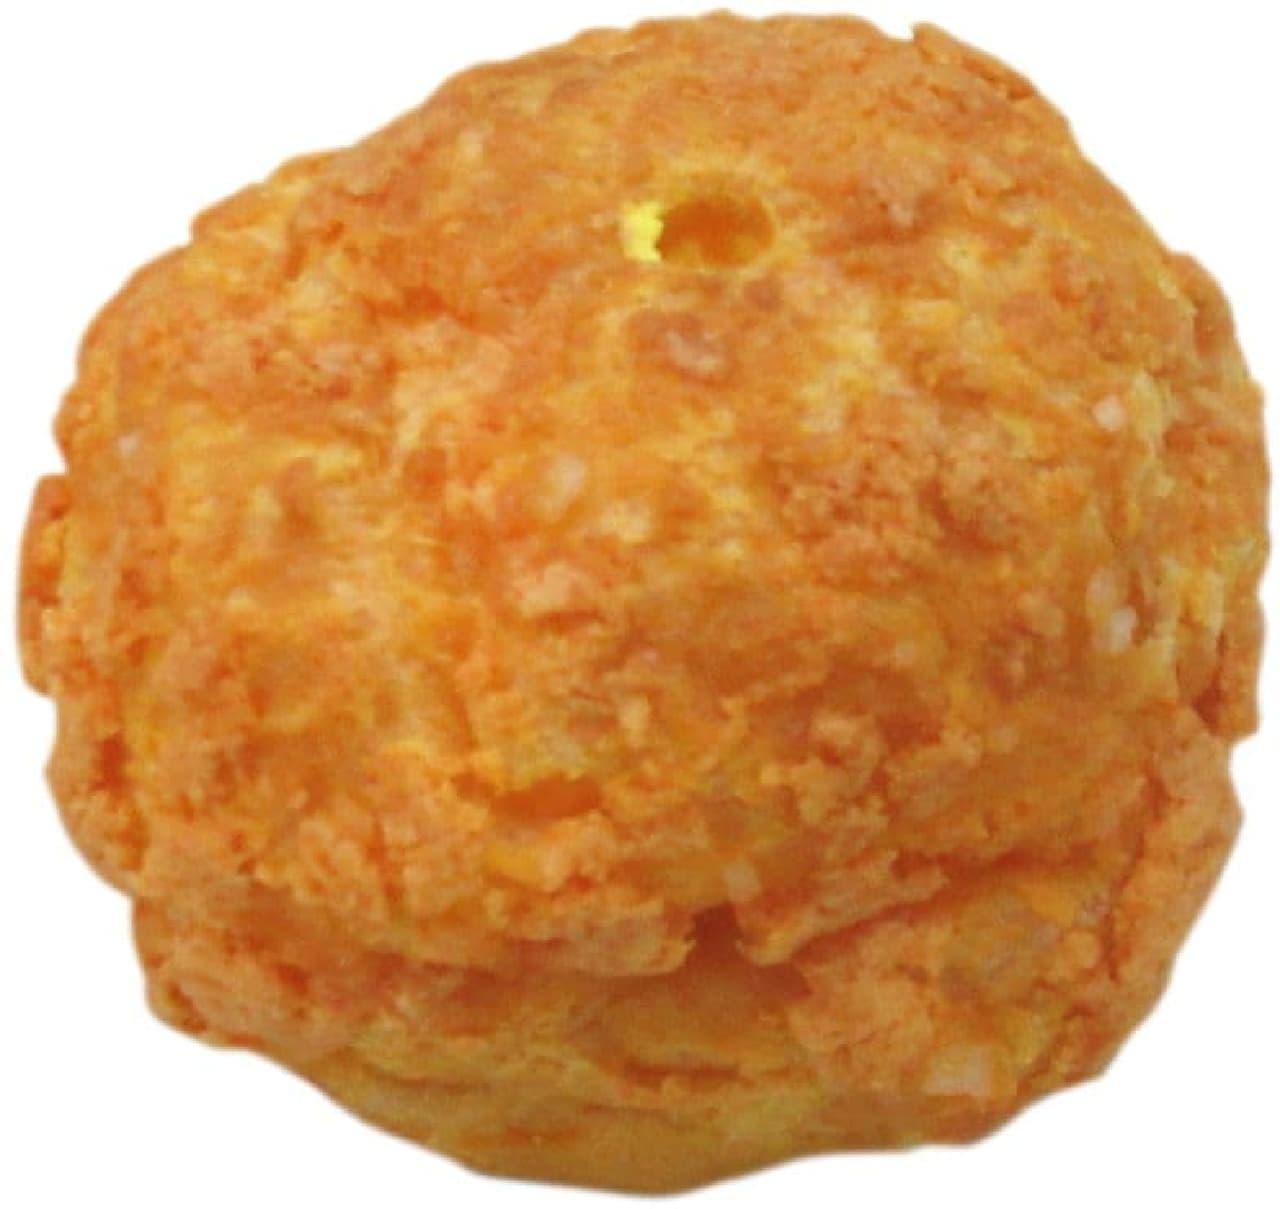 セブン-イレブン「クッキーシューパンプキン」